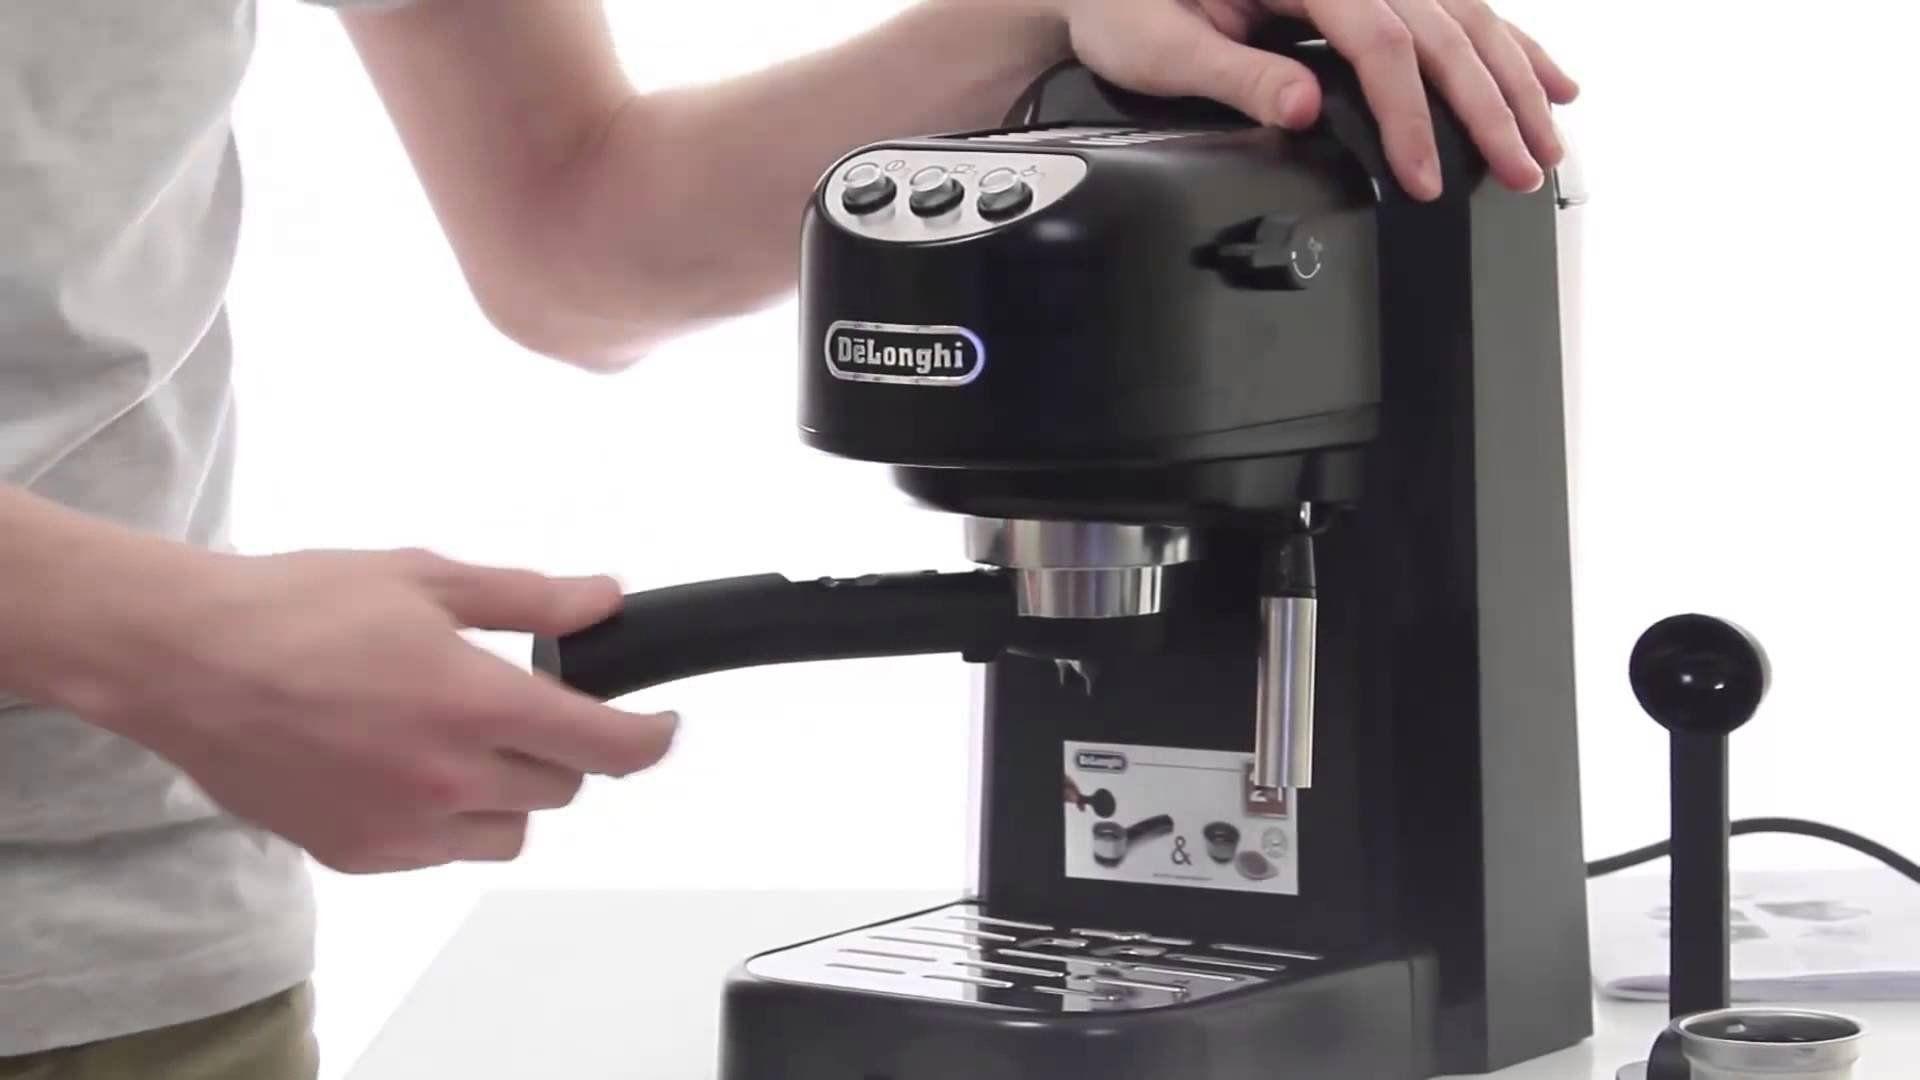 Лучшие кофемашины De'Longhi для дома и офиса в 2020 году